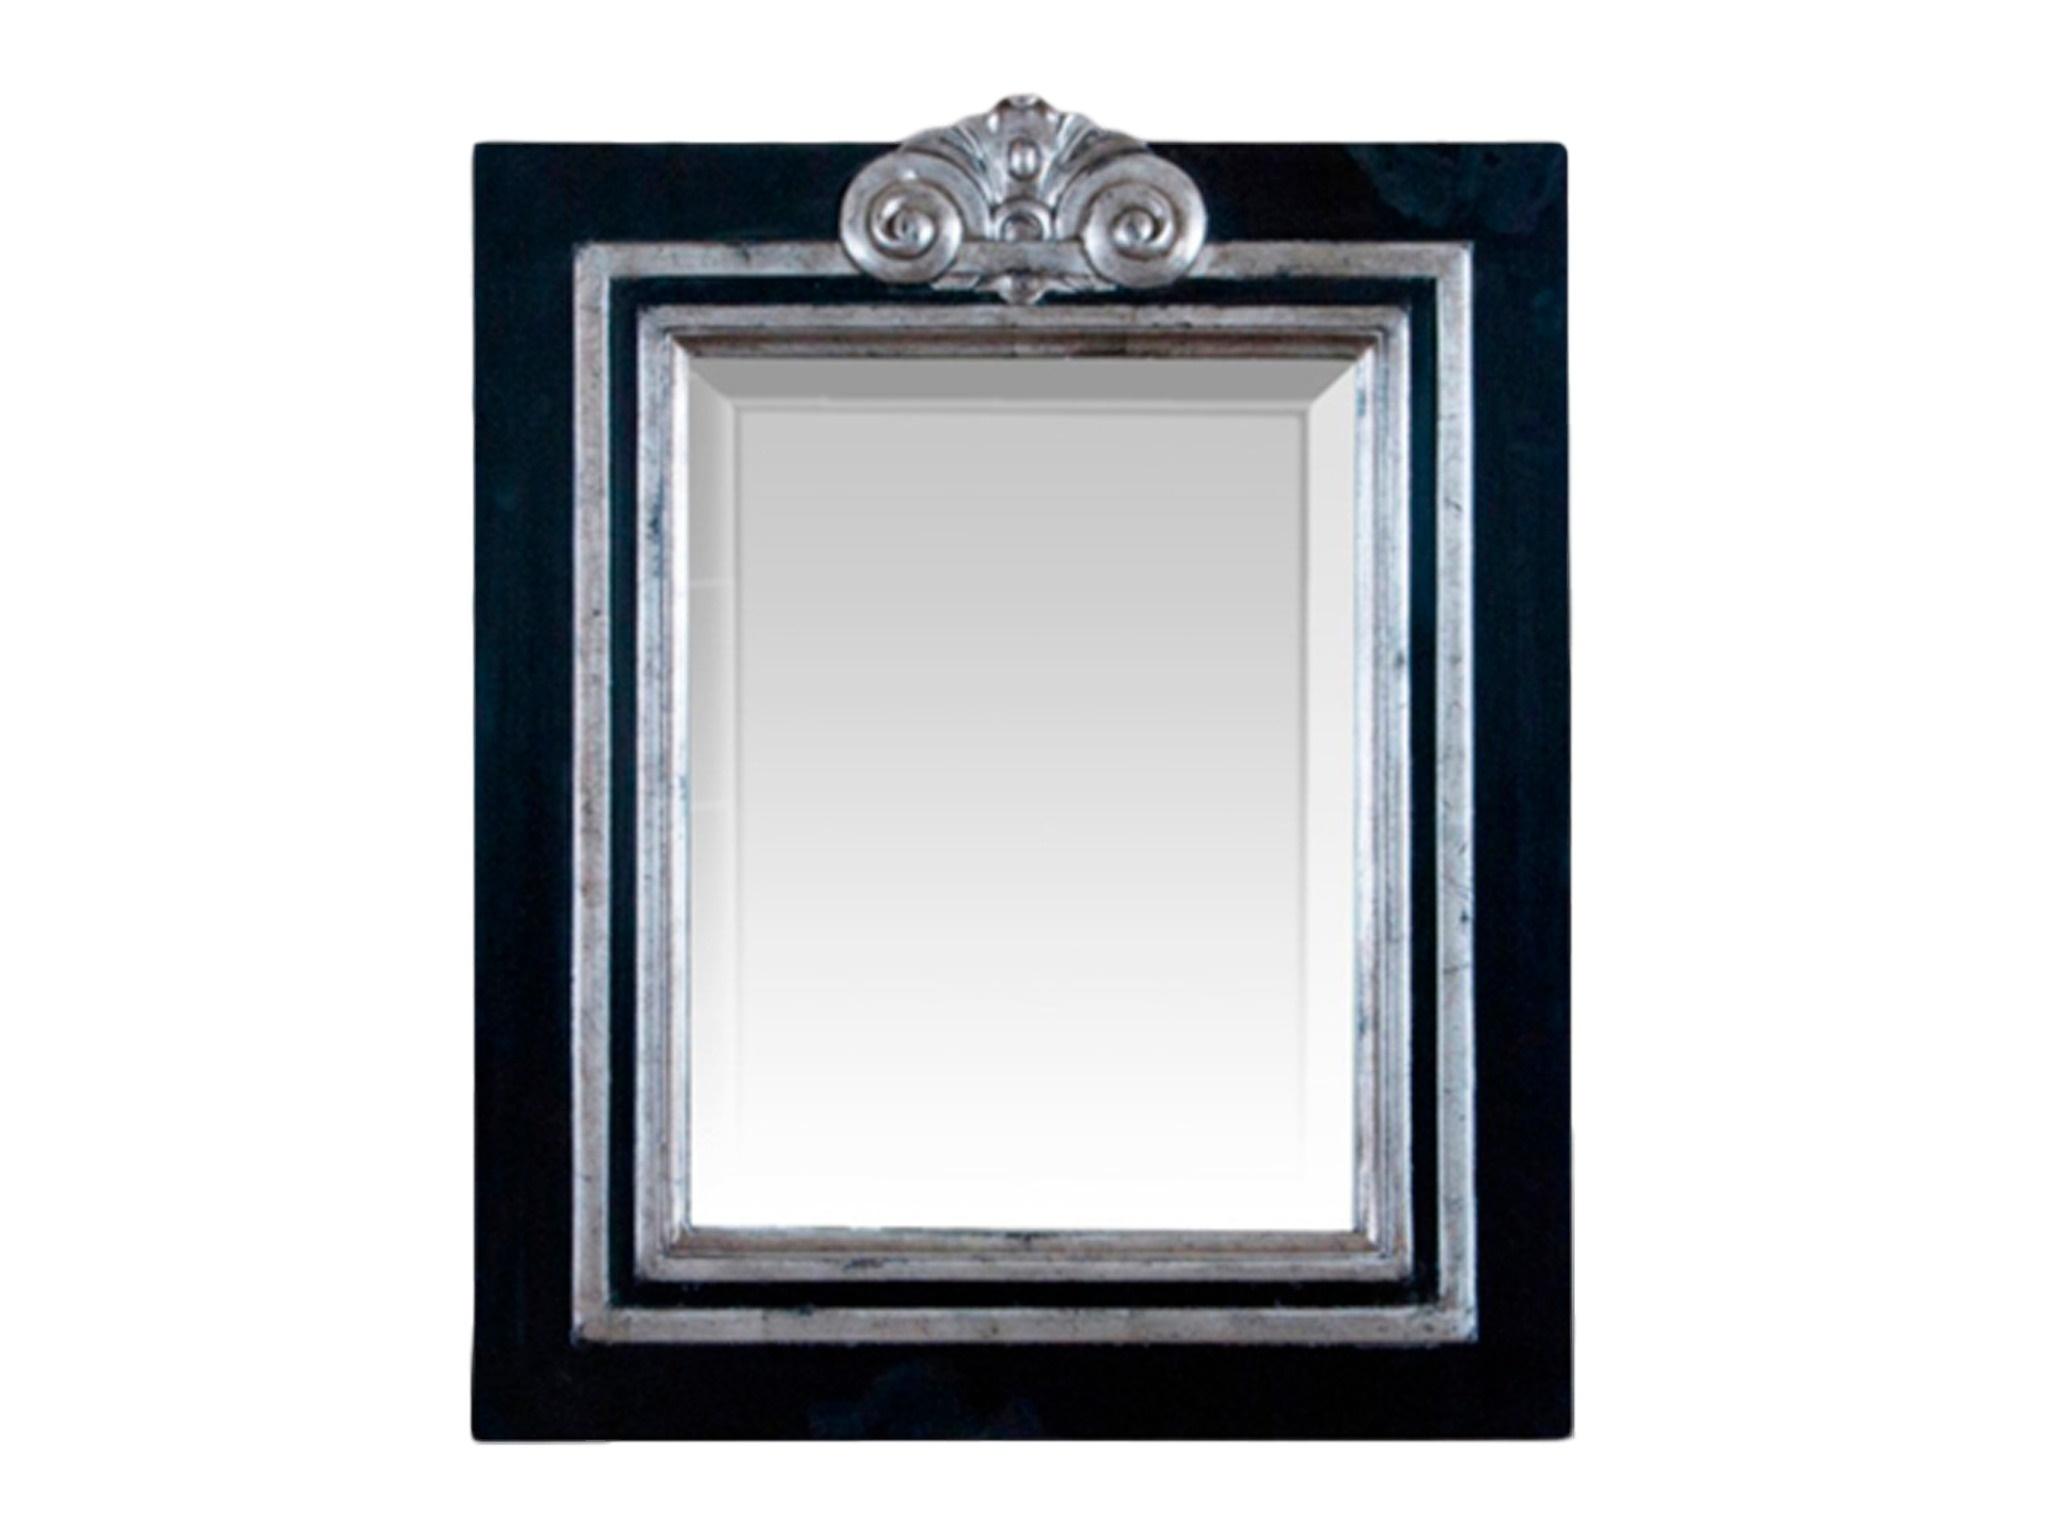 ЗеркалоНастенные зеркала<br>Зеркало в черной раме из дерева махагони, украшенной резным элементом и серебром со старением.<br><br>Material: Красное дерево<br>Ширина см: 55<br>Высота см: 65<br>Глубина см: 3